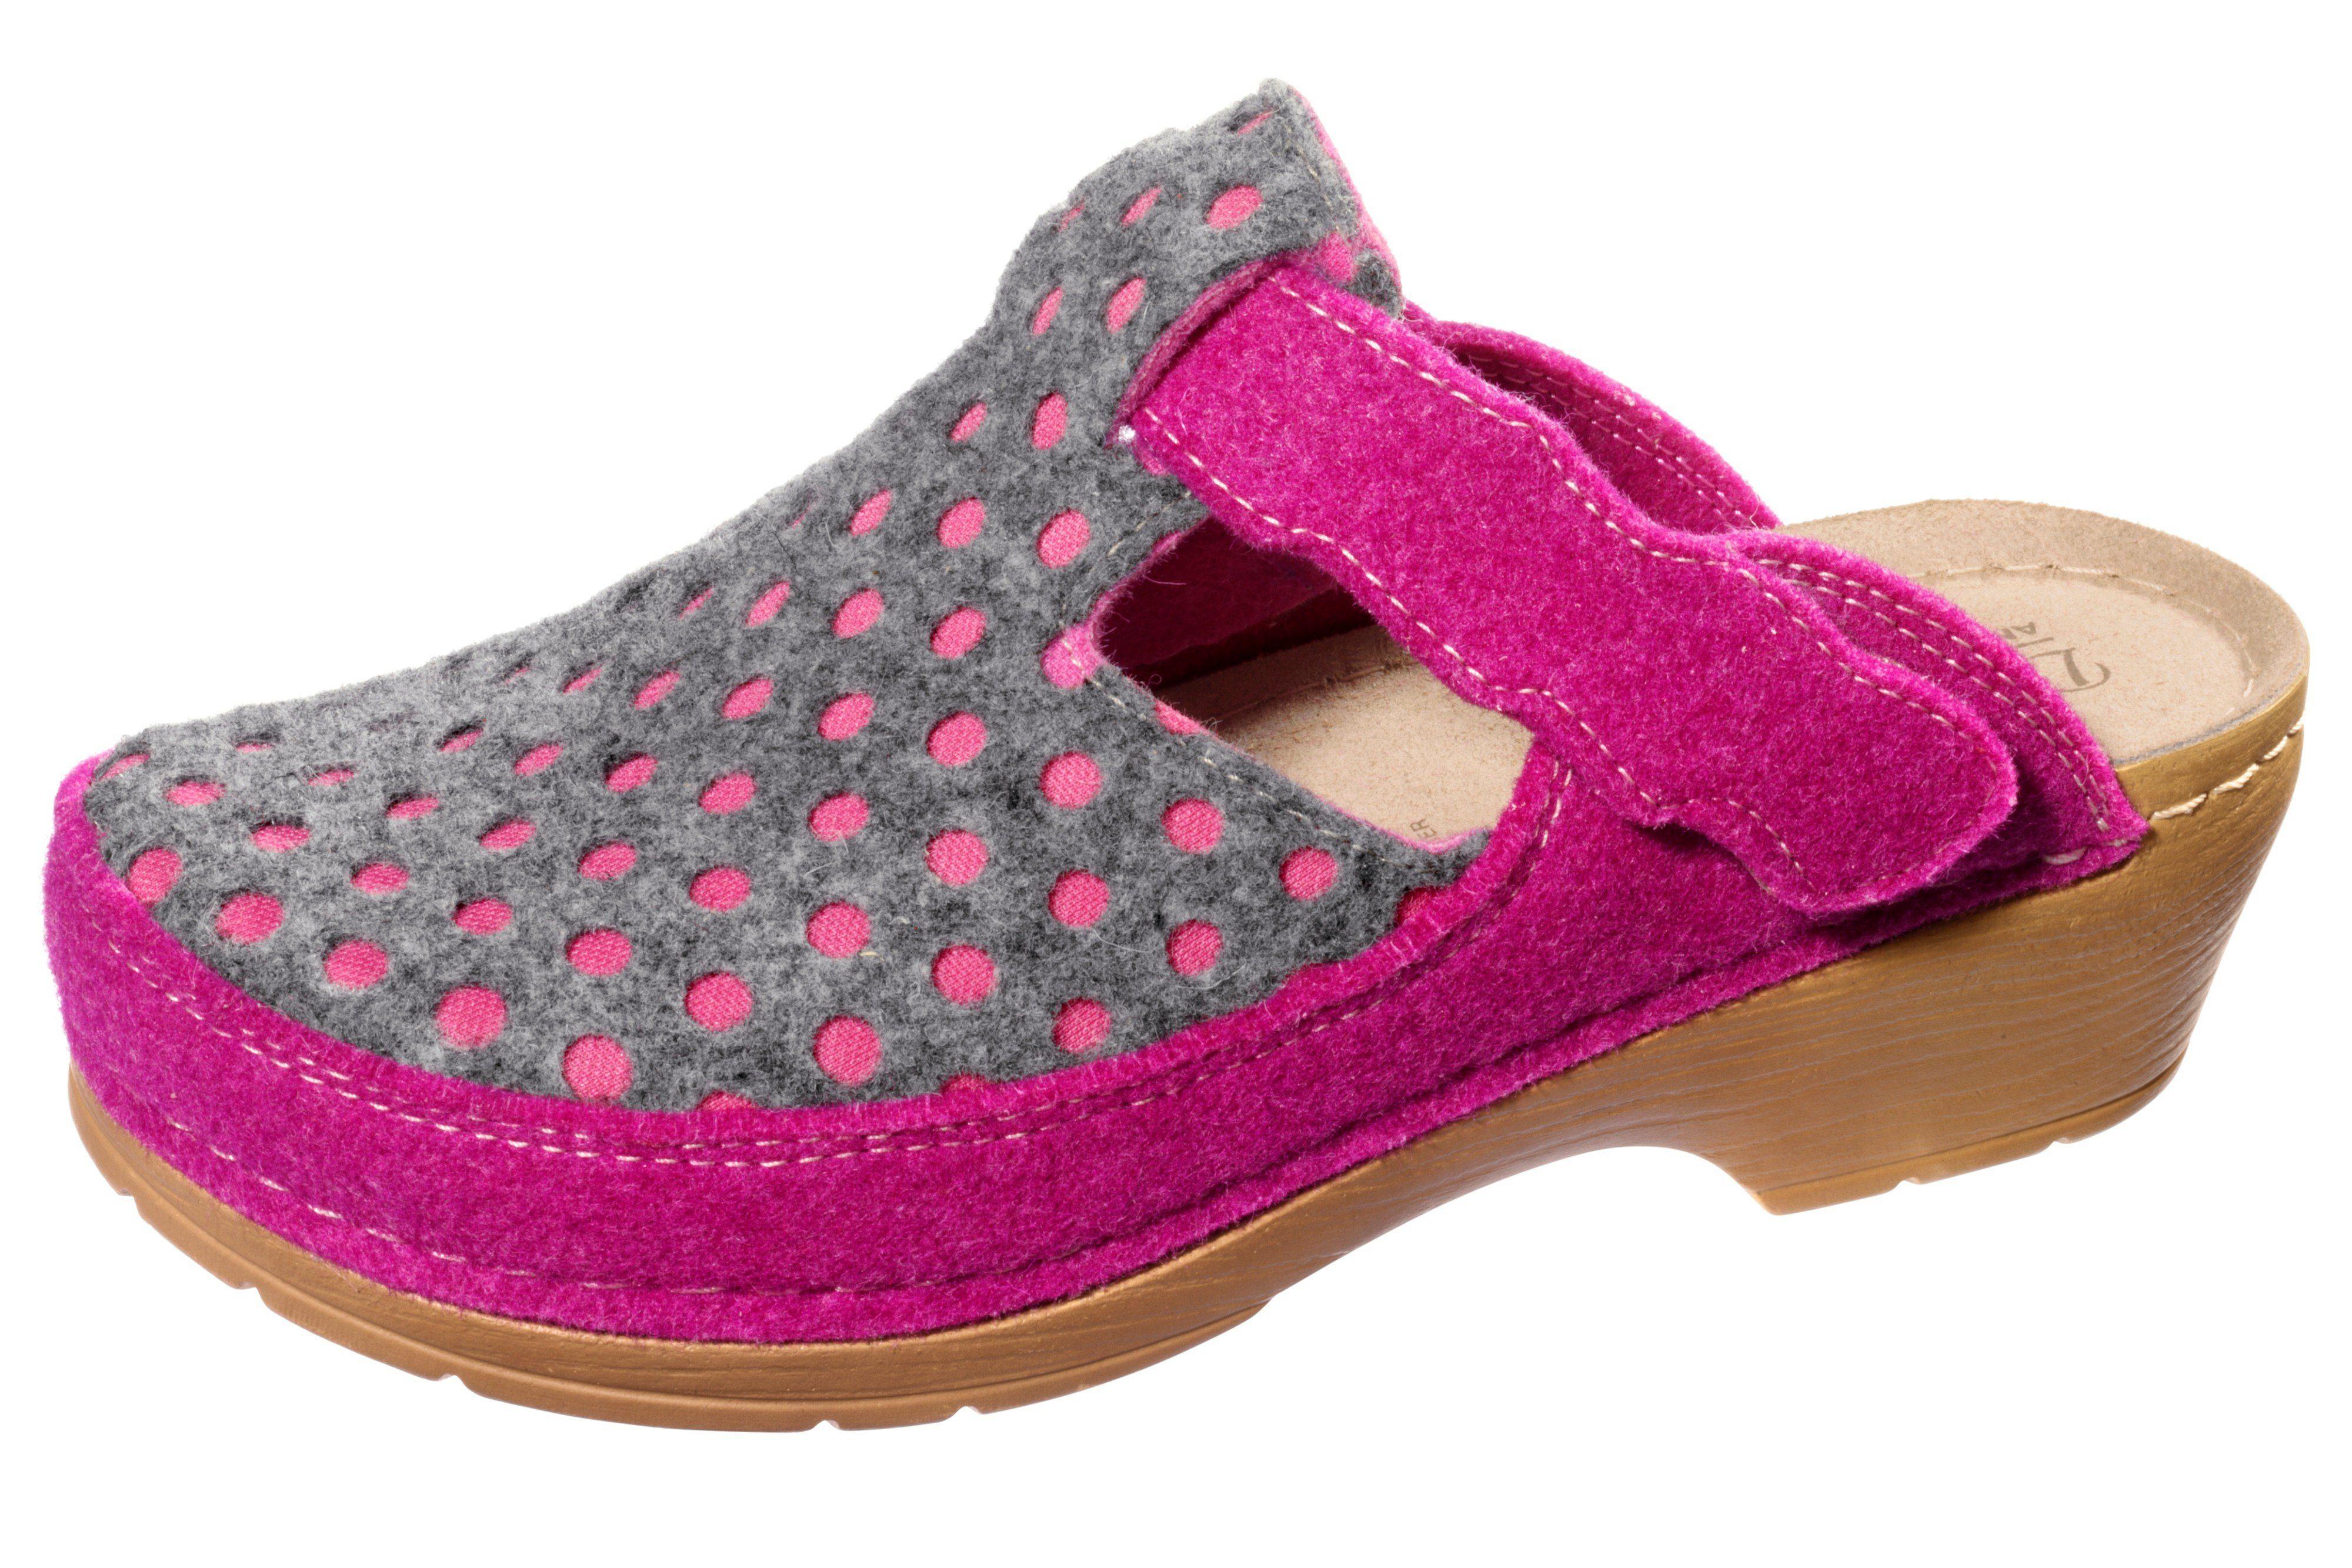 heine home Clogs online kaufen  pink#ft5_slash#grau